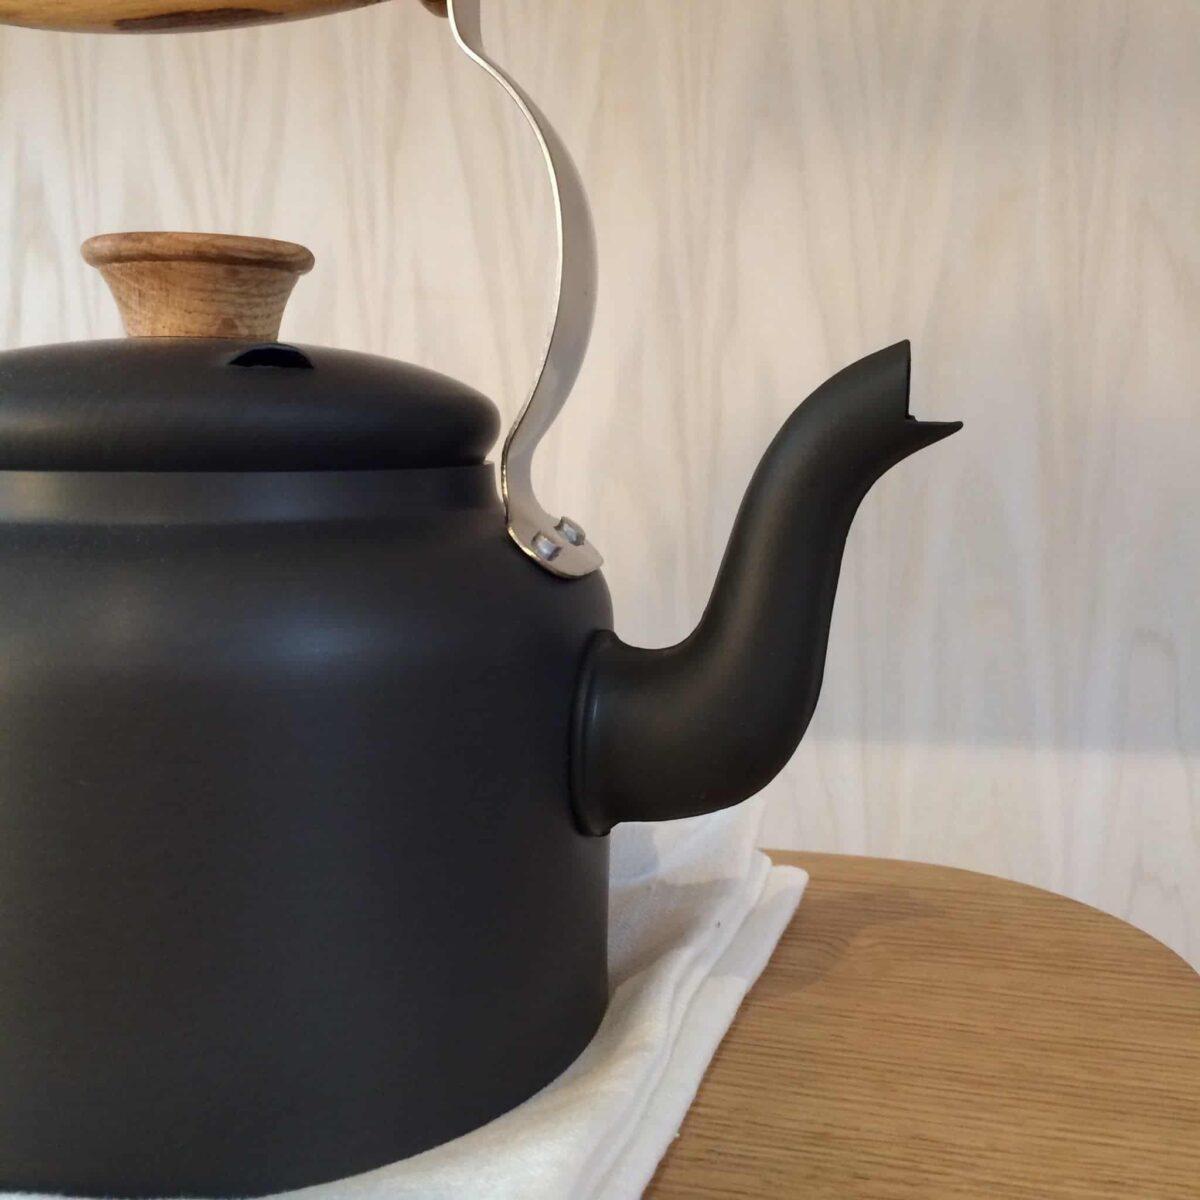 Netherton-kettle-castiron-008